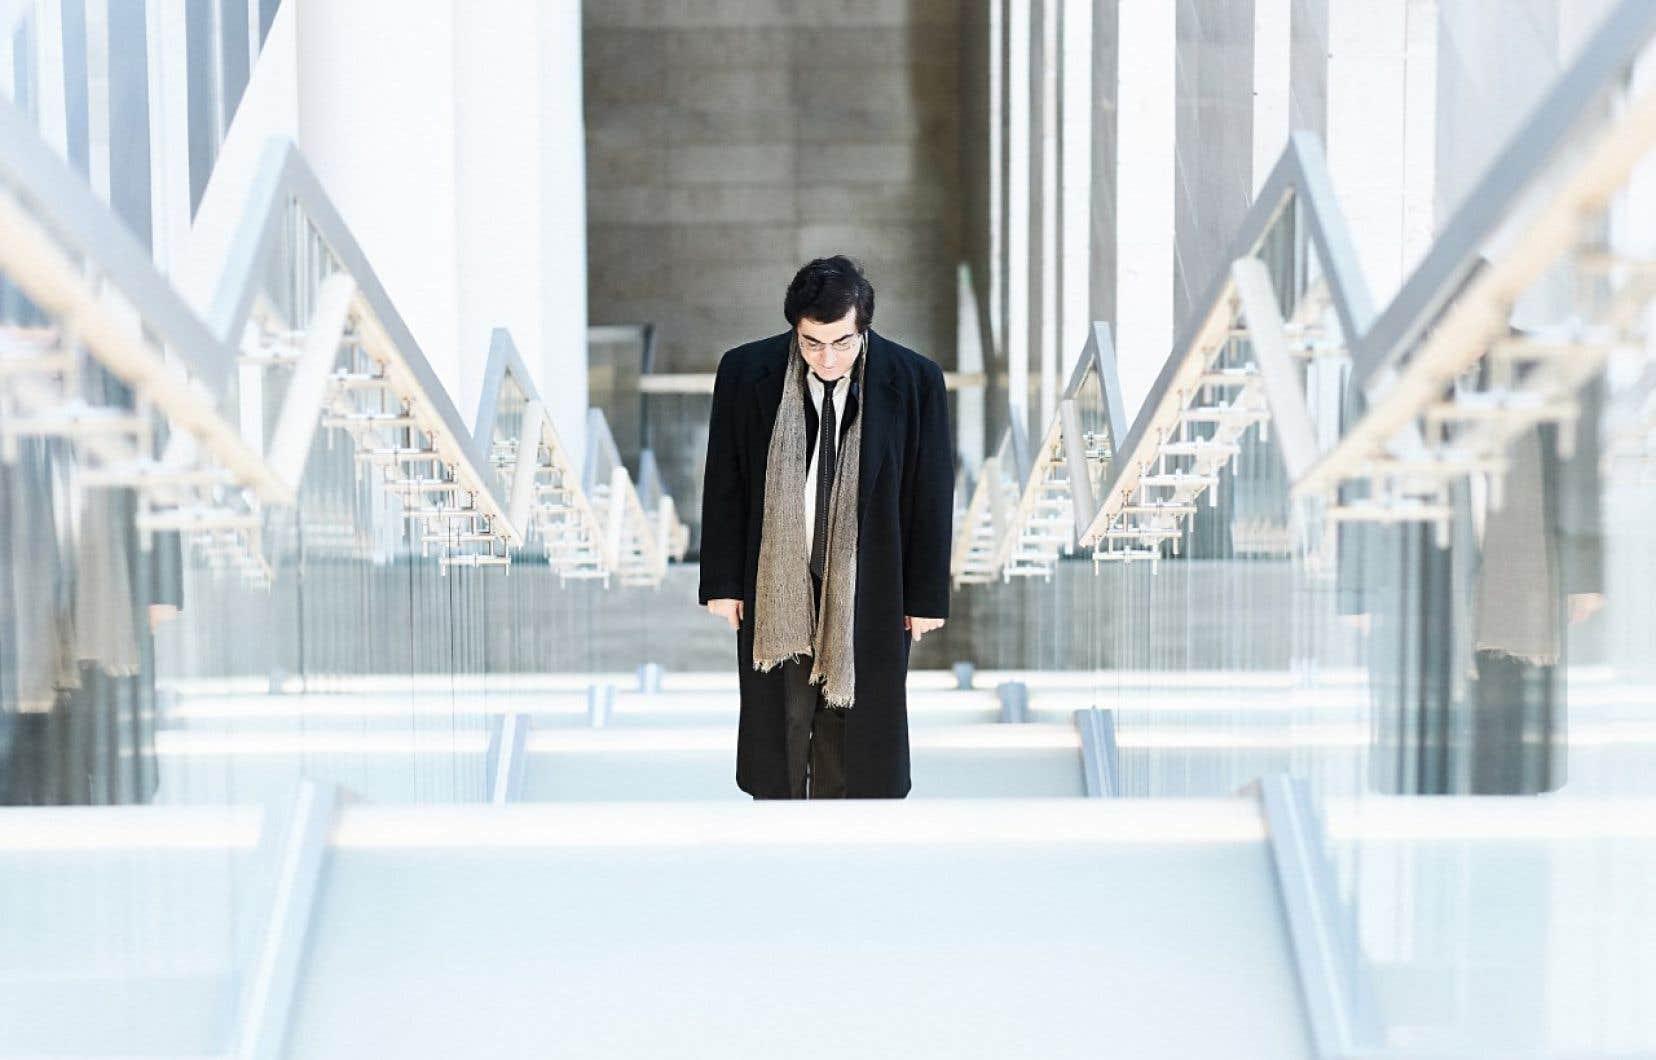 Le pianiste vedette Sergei Babayan (notre photo) est représenté par Marcus Felsner qui dirige le bureau européen de l'agence américaine Opus 3 Artists: «Le travail est compliqué par des demandes sans cesse changeantes, explique l'agent. Un jour, il s'agit de faire un